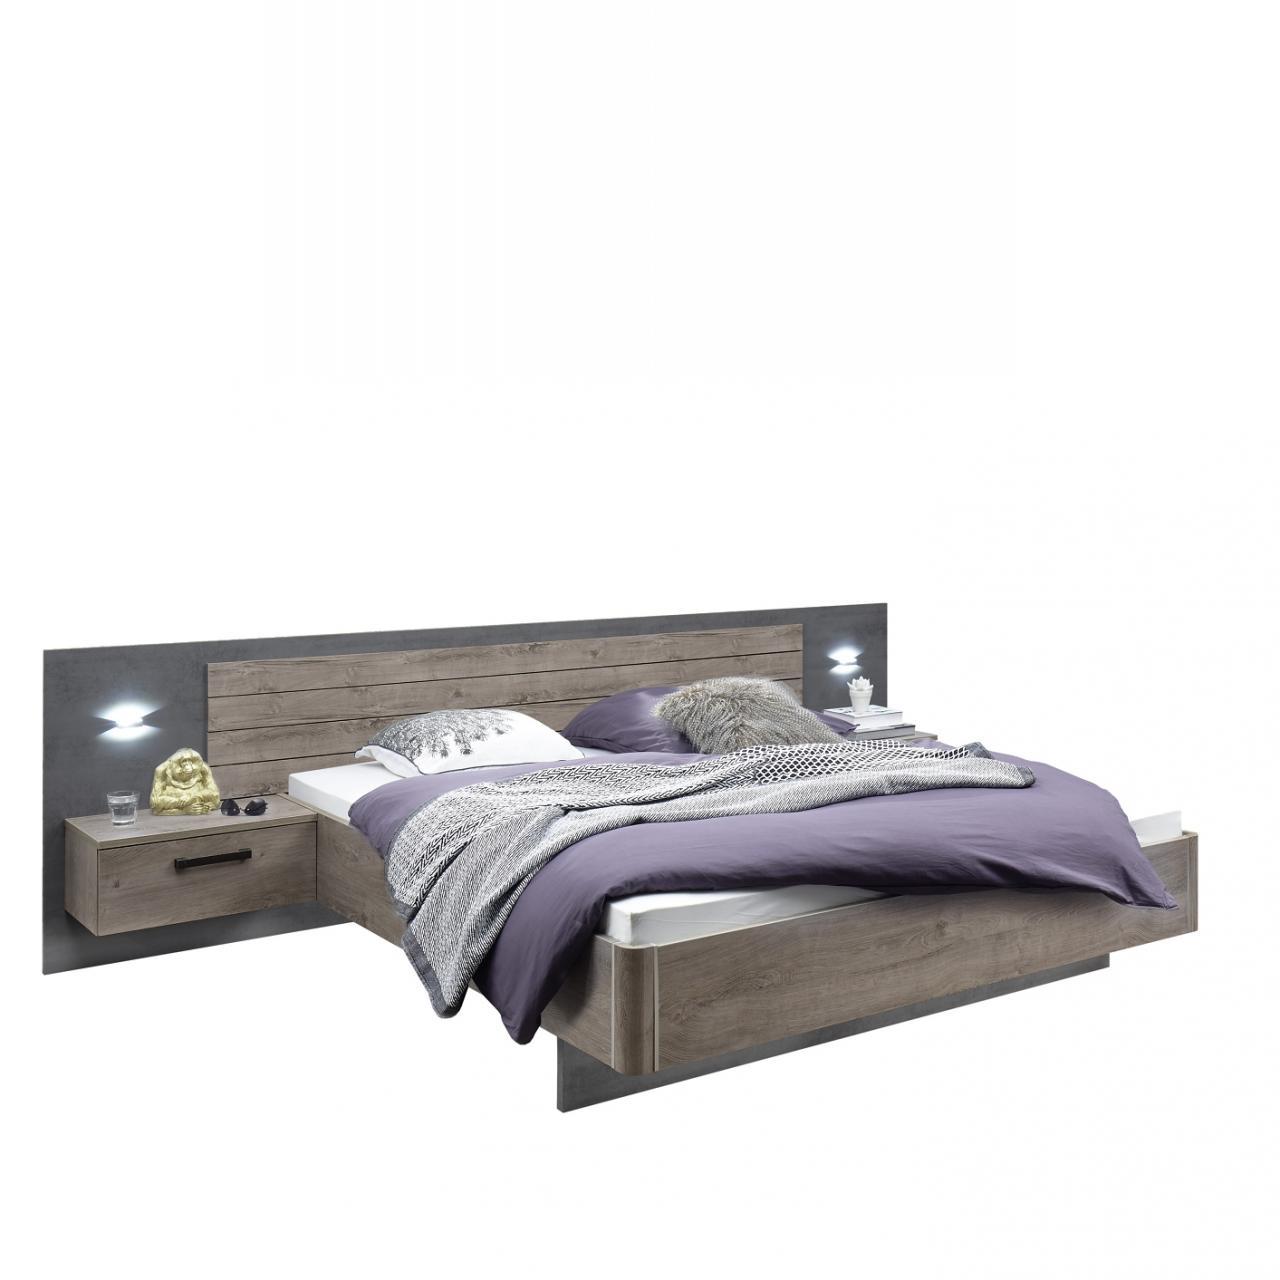 Bettanlage Palma - mit Nachtkommoden